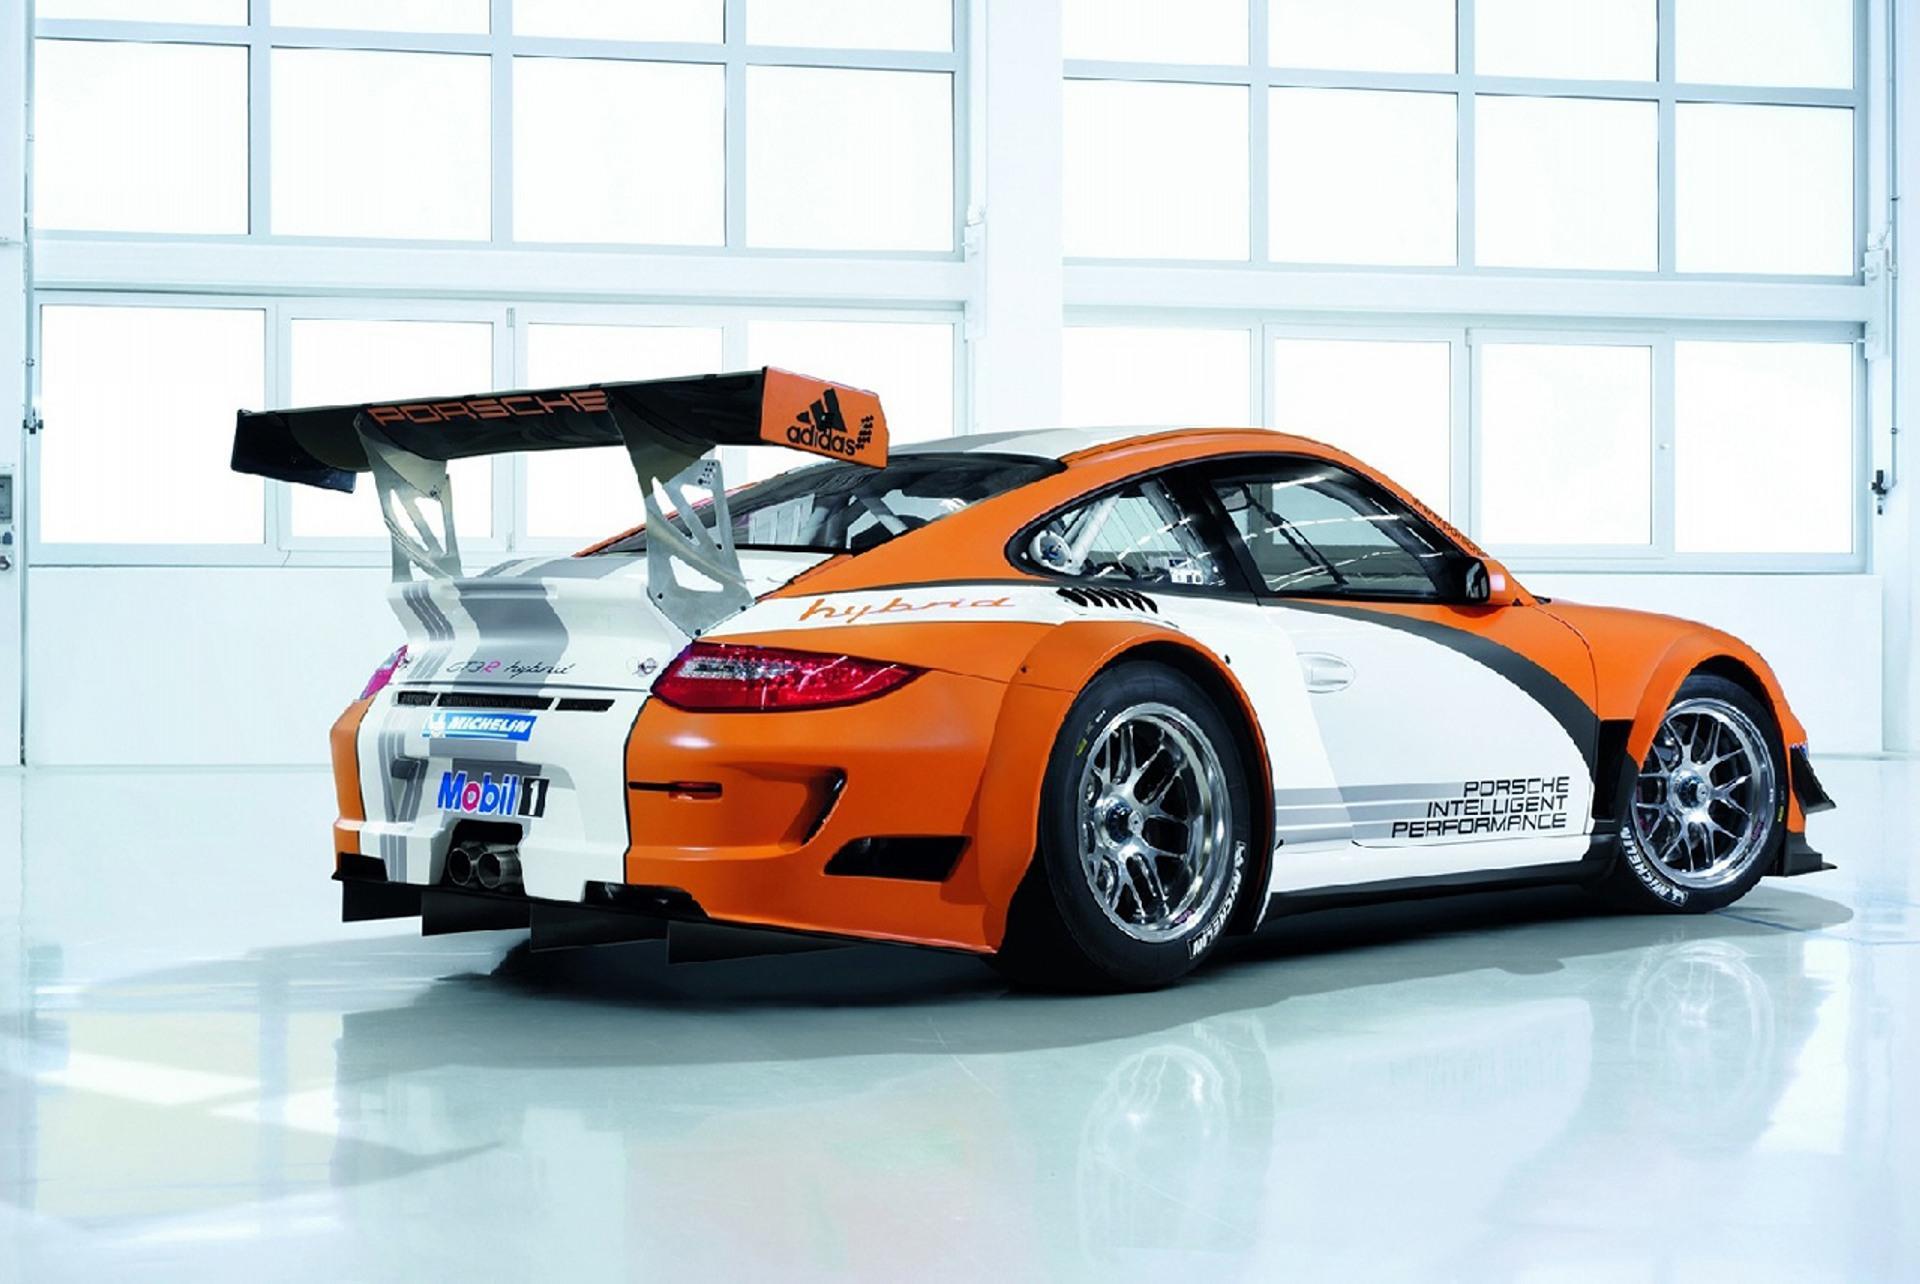 2010 Porsche 911 GT3 R Hybrid Image